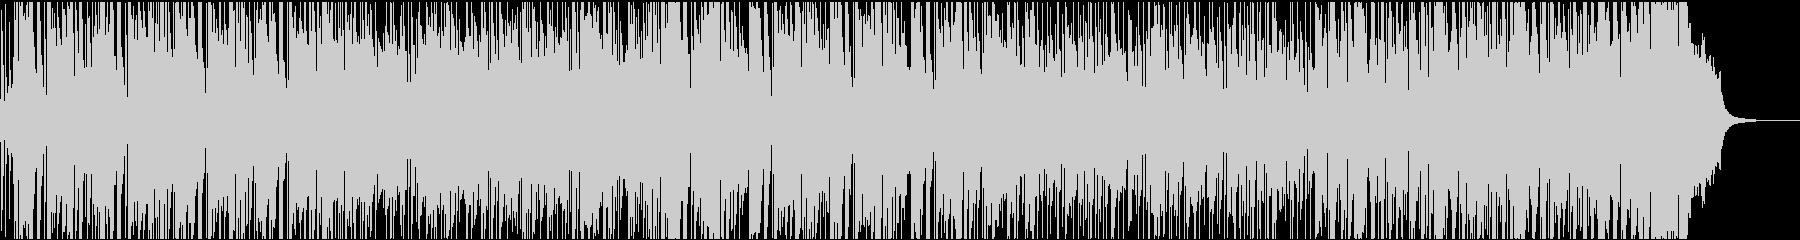 元気なアコギのポジティブな曲の未再生の波形